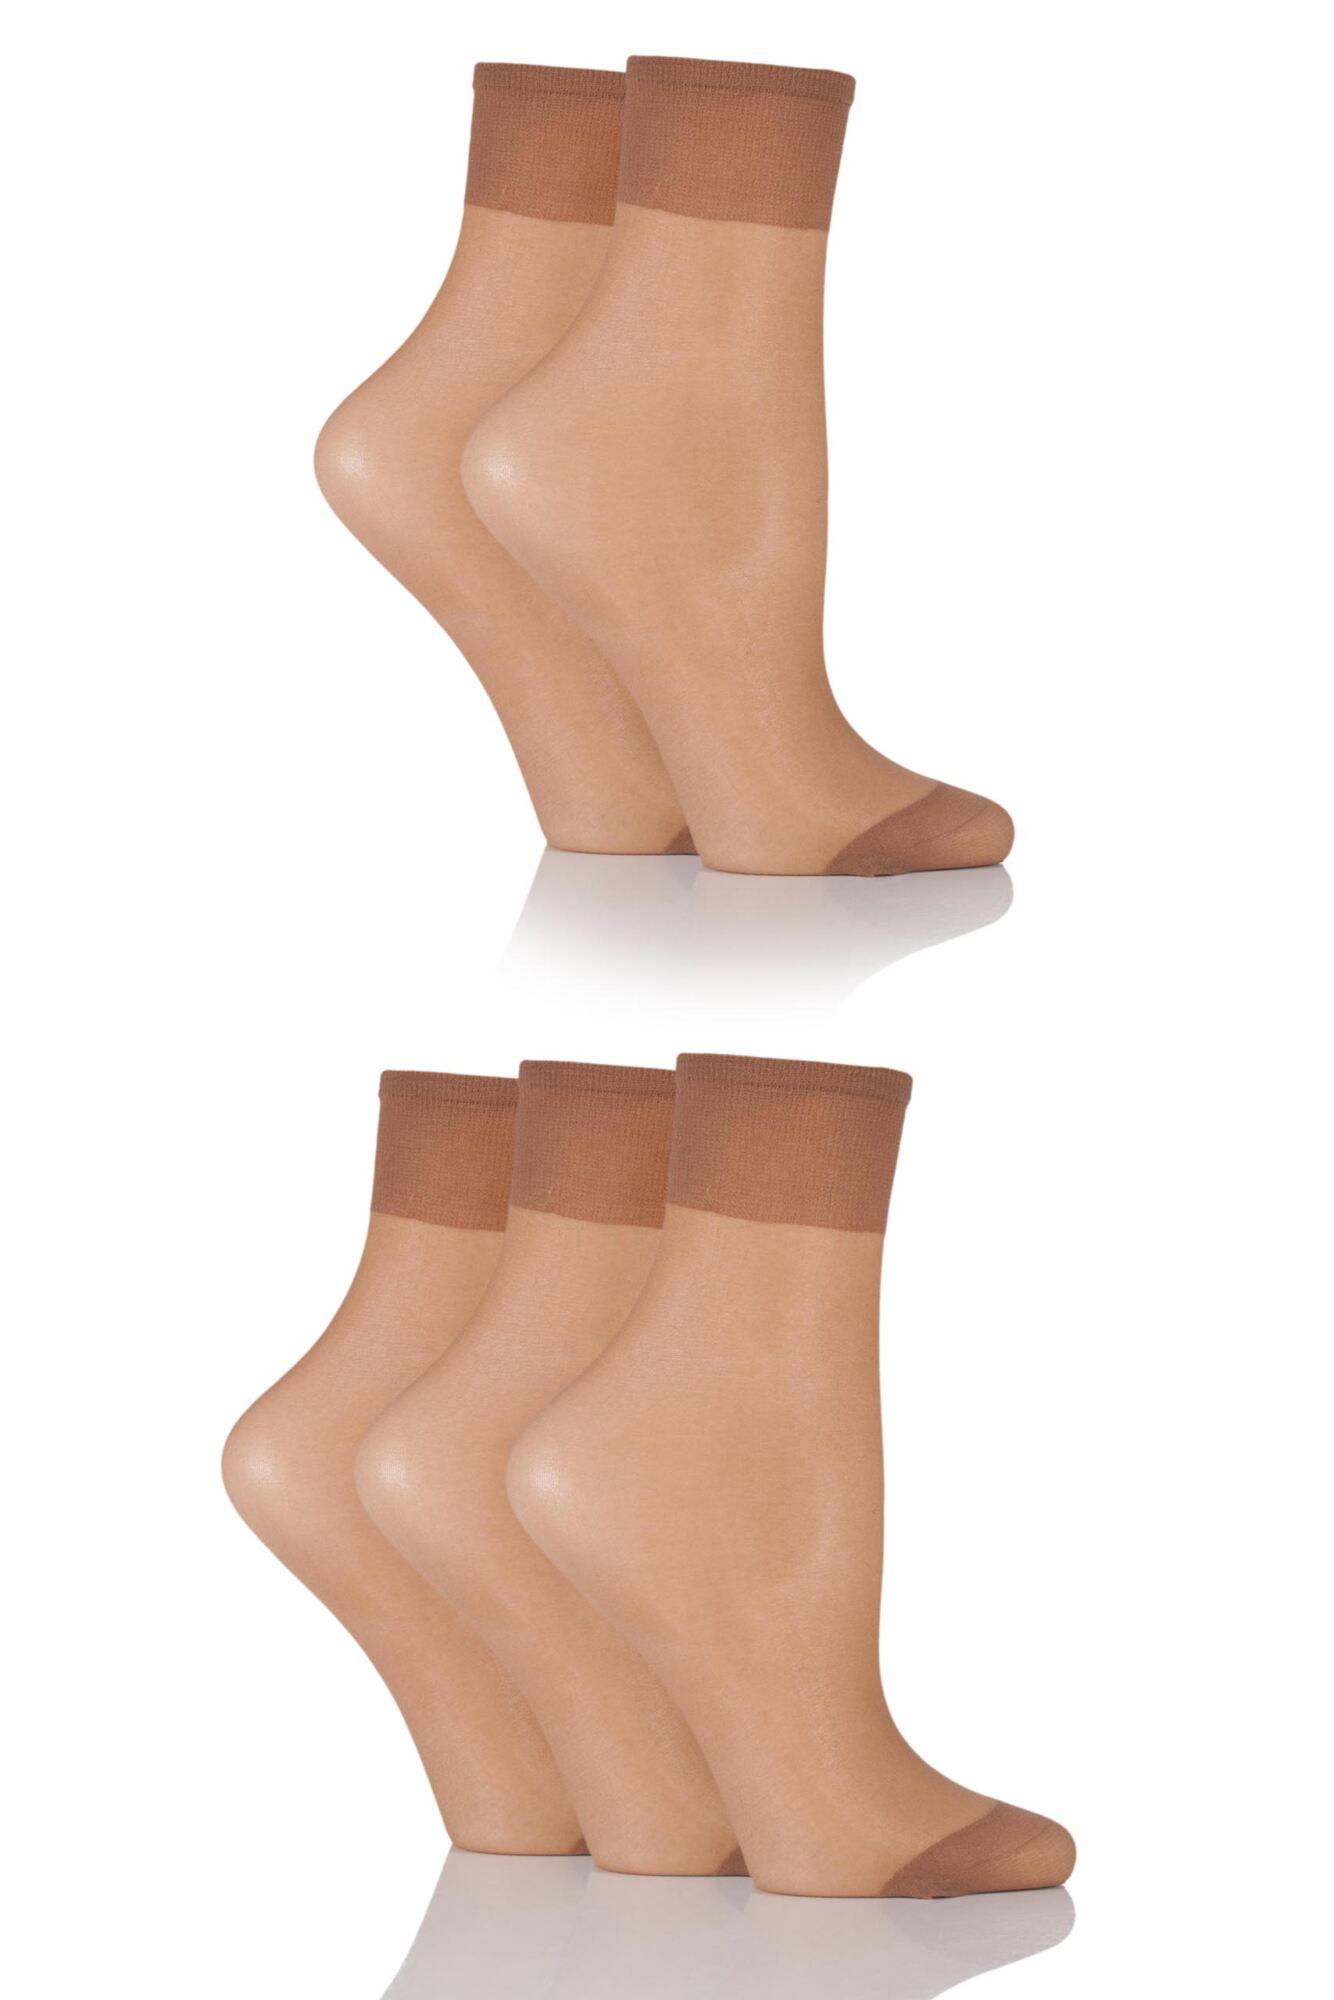 5 Pair 15 Denier Ankle Highs Ladies - Sockshop